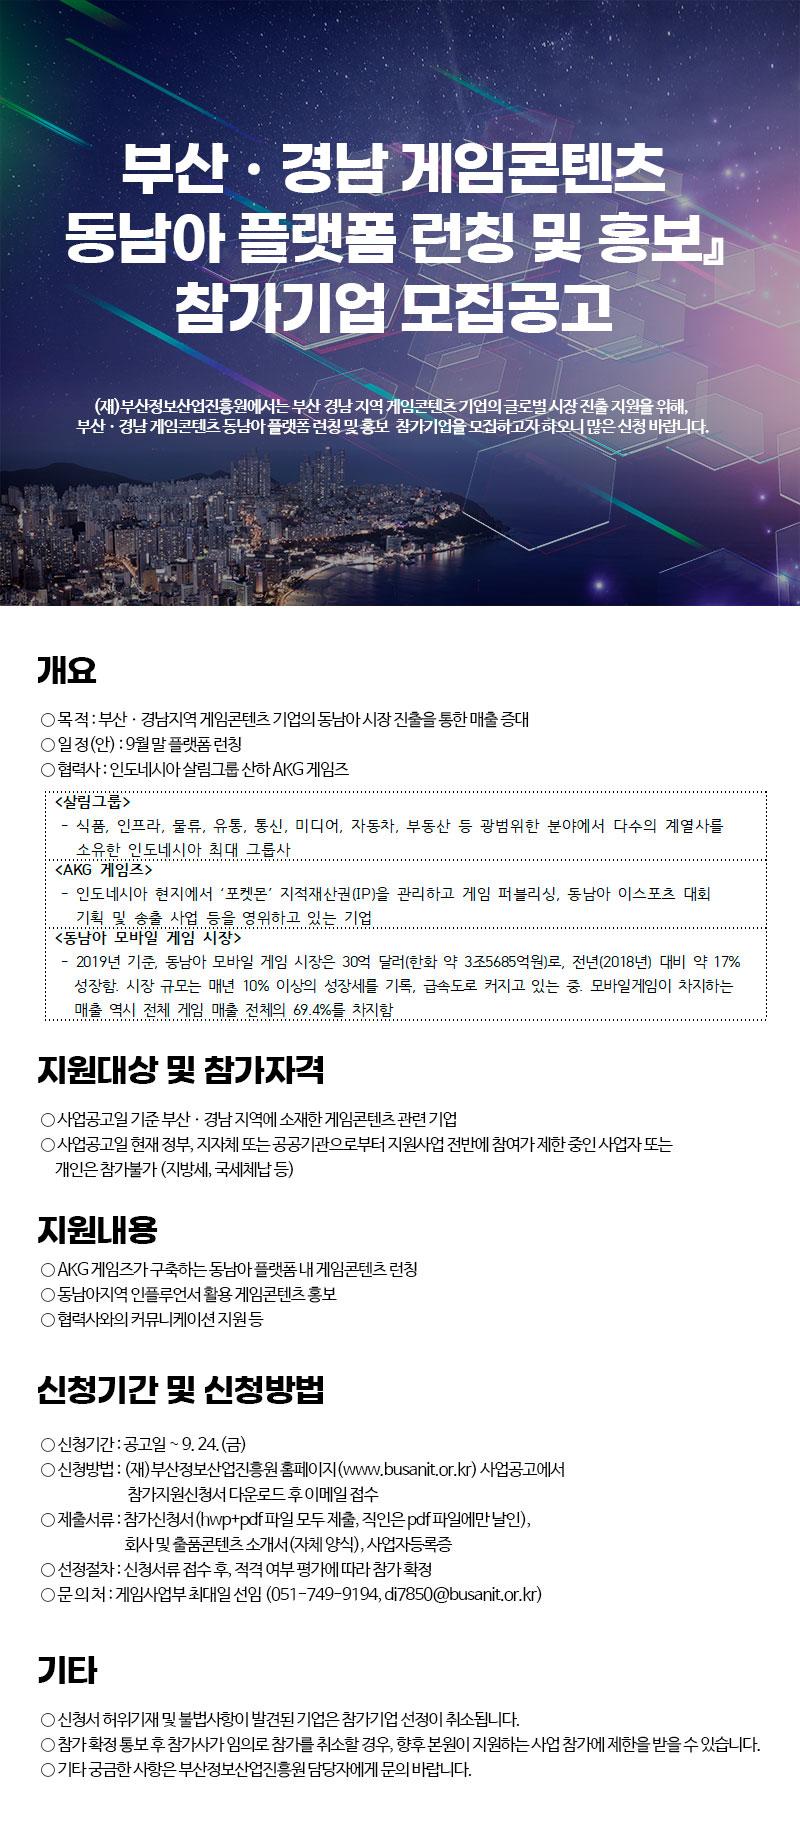 부산•경남 게임콘텐츠 동남아 플랫폼 런칭 및 홍보 참가기업 모집공고